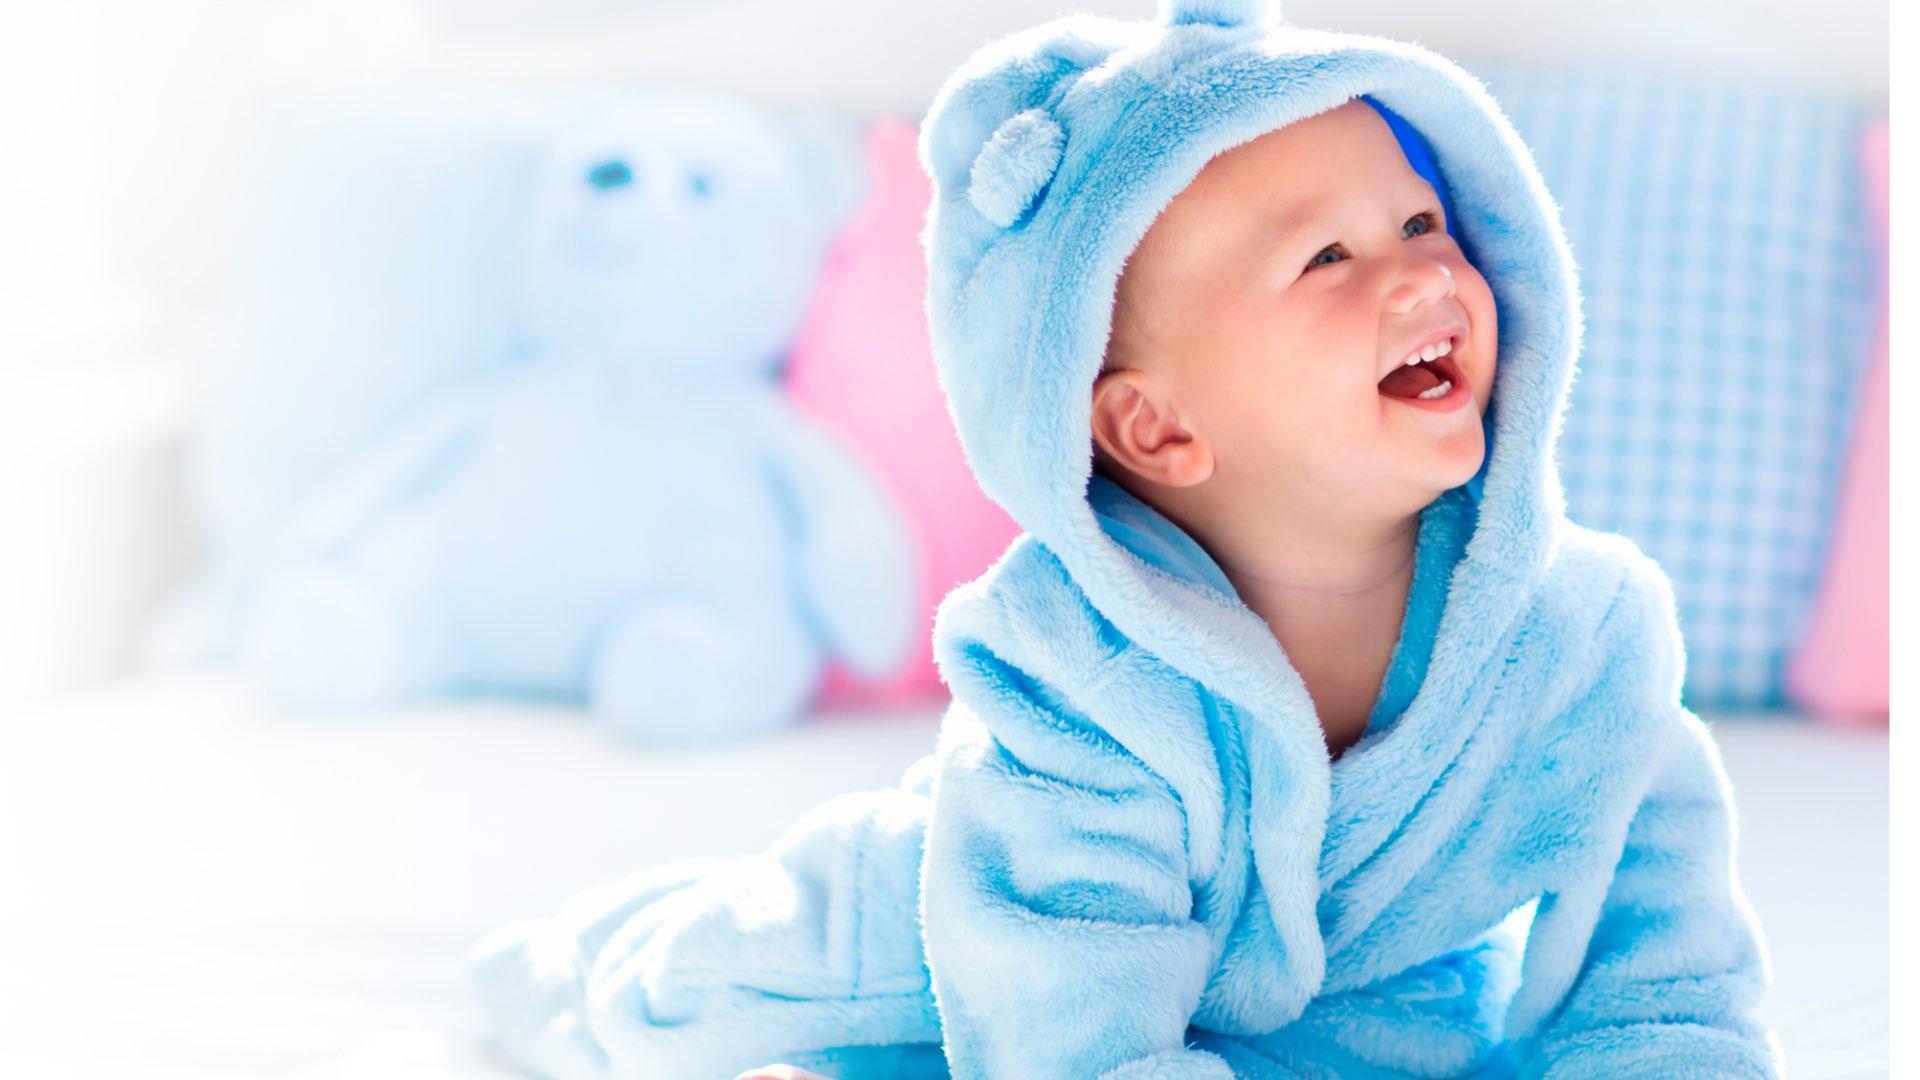 BabyBaño - Esponja con jabón